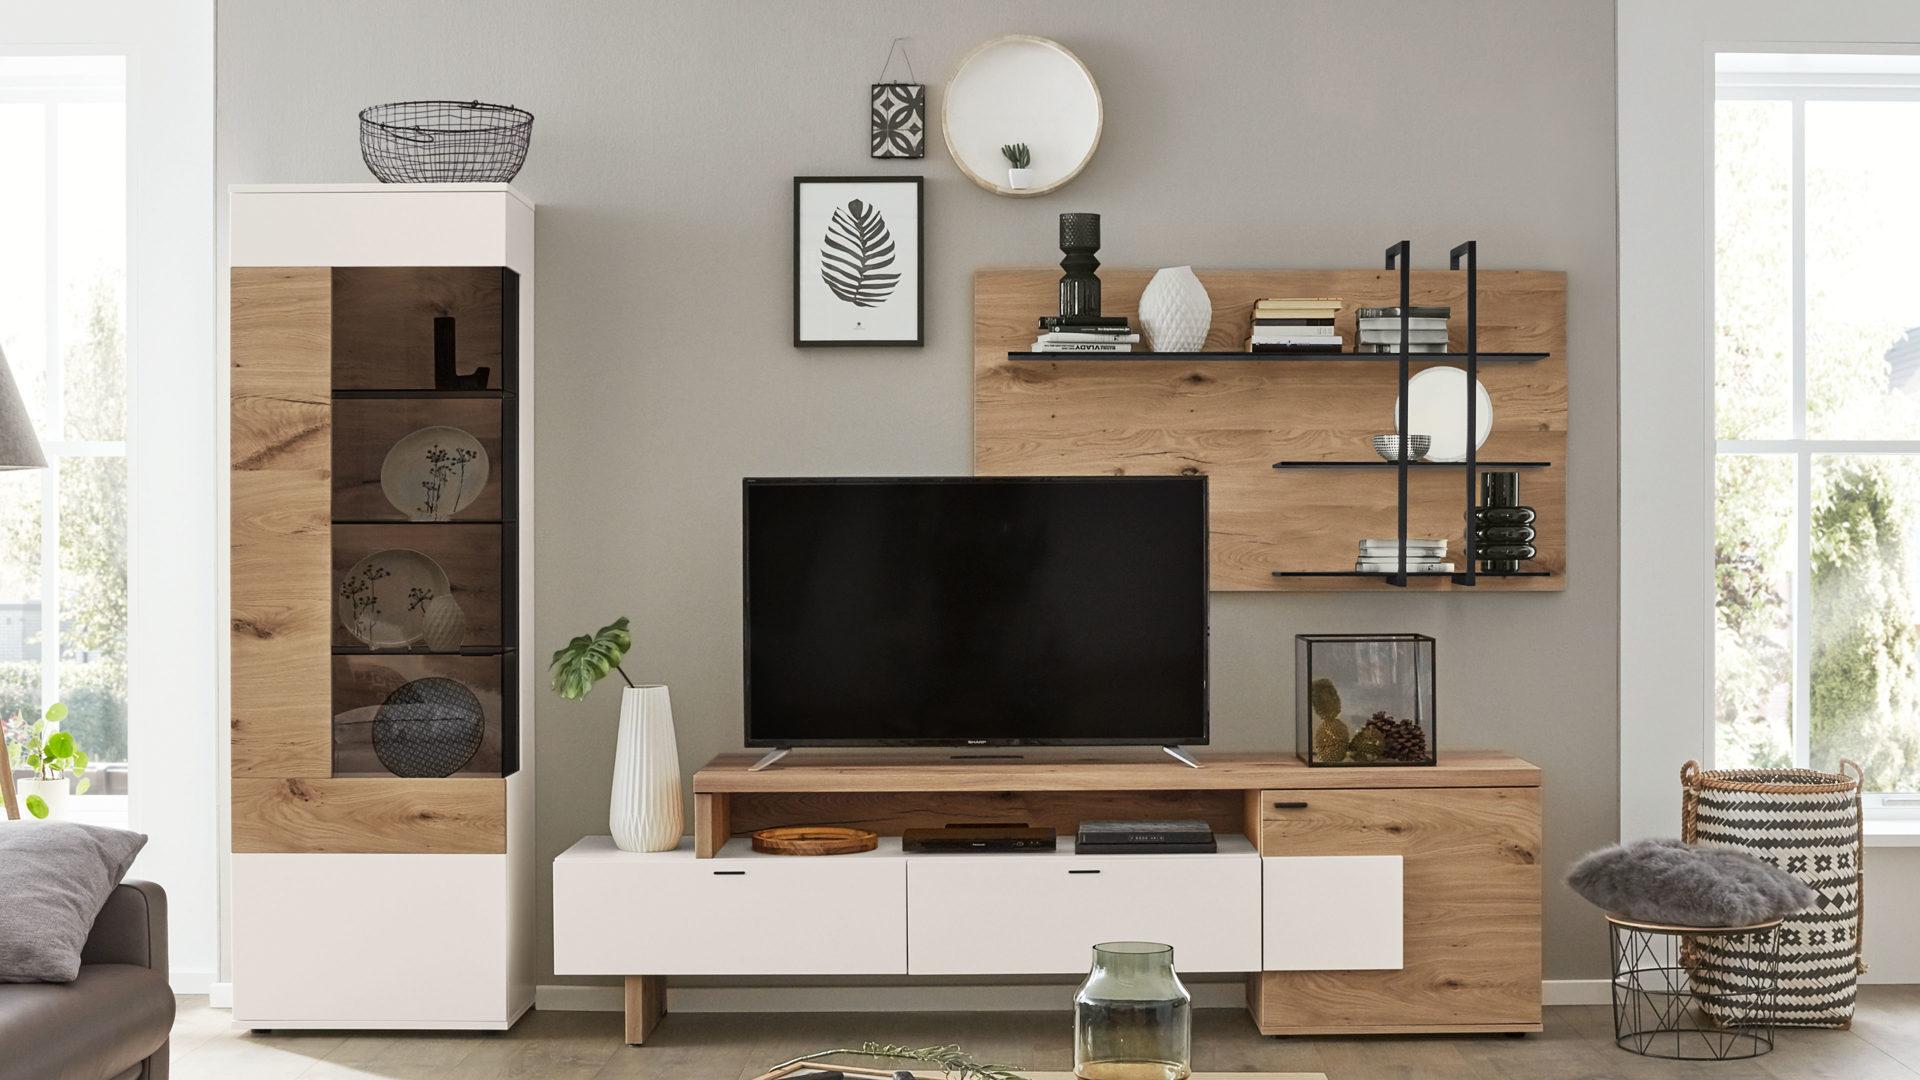 Interliving Wohnzimmer Serie 6 – Wohnkombination, weiße Lackoberflächen  & Balkeneiche – dreiteilig, ca. 6 cm